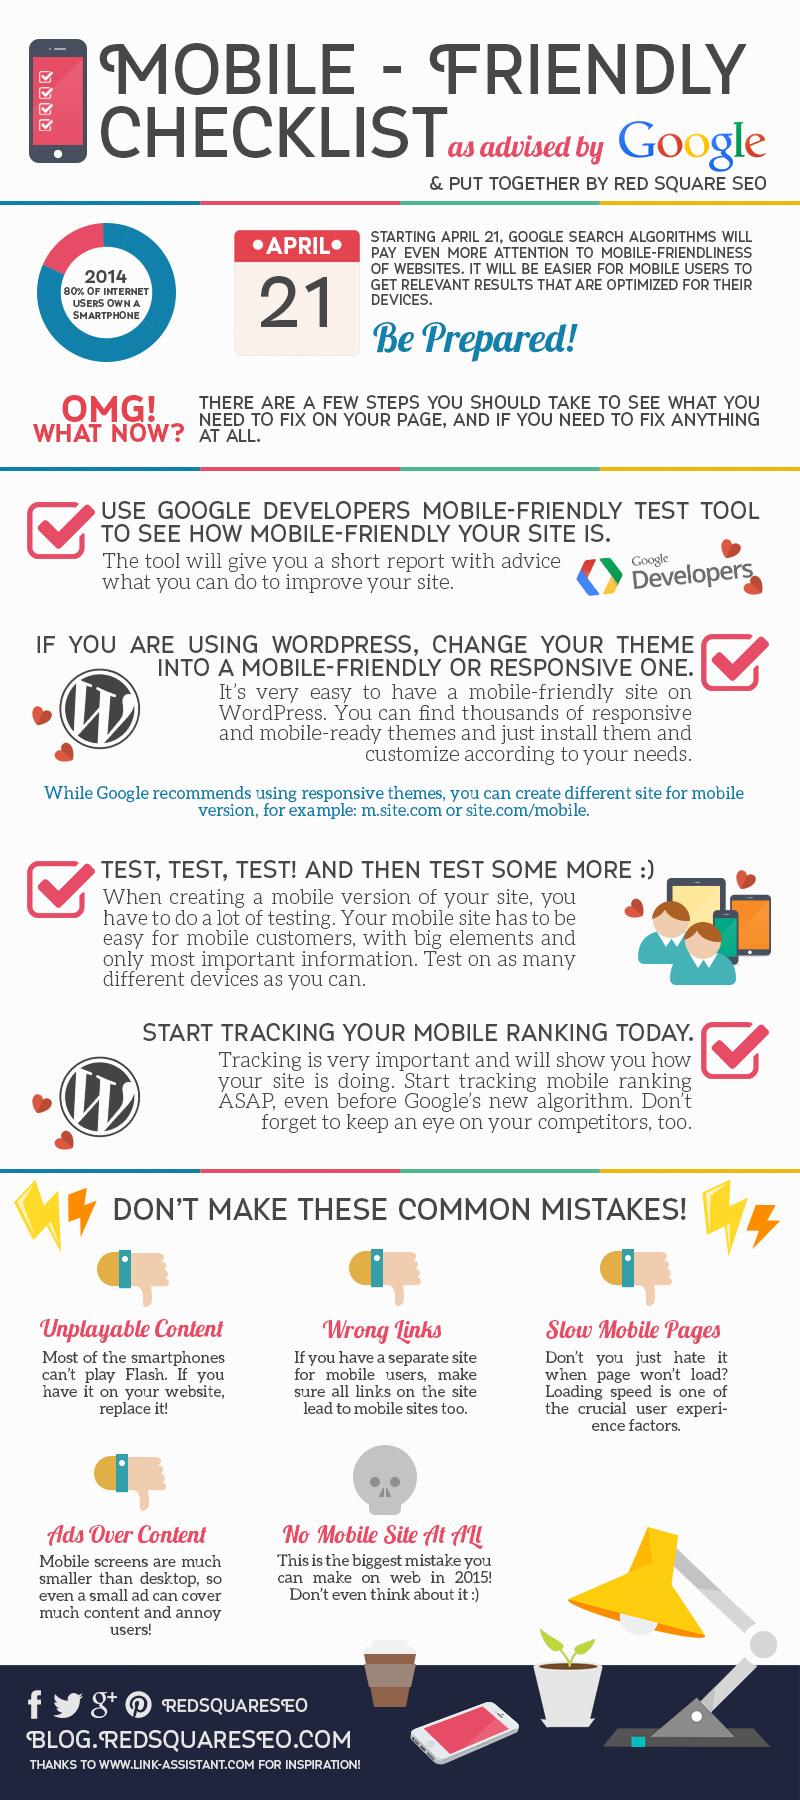 mobilefriendly-checklist_551d3bef9de63